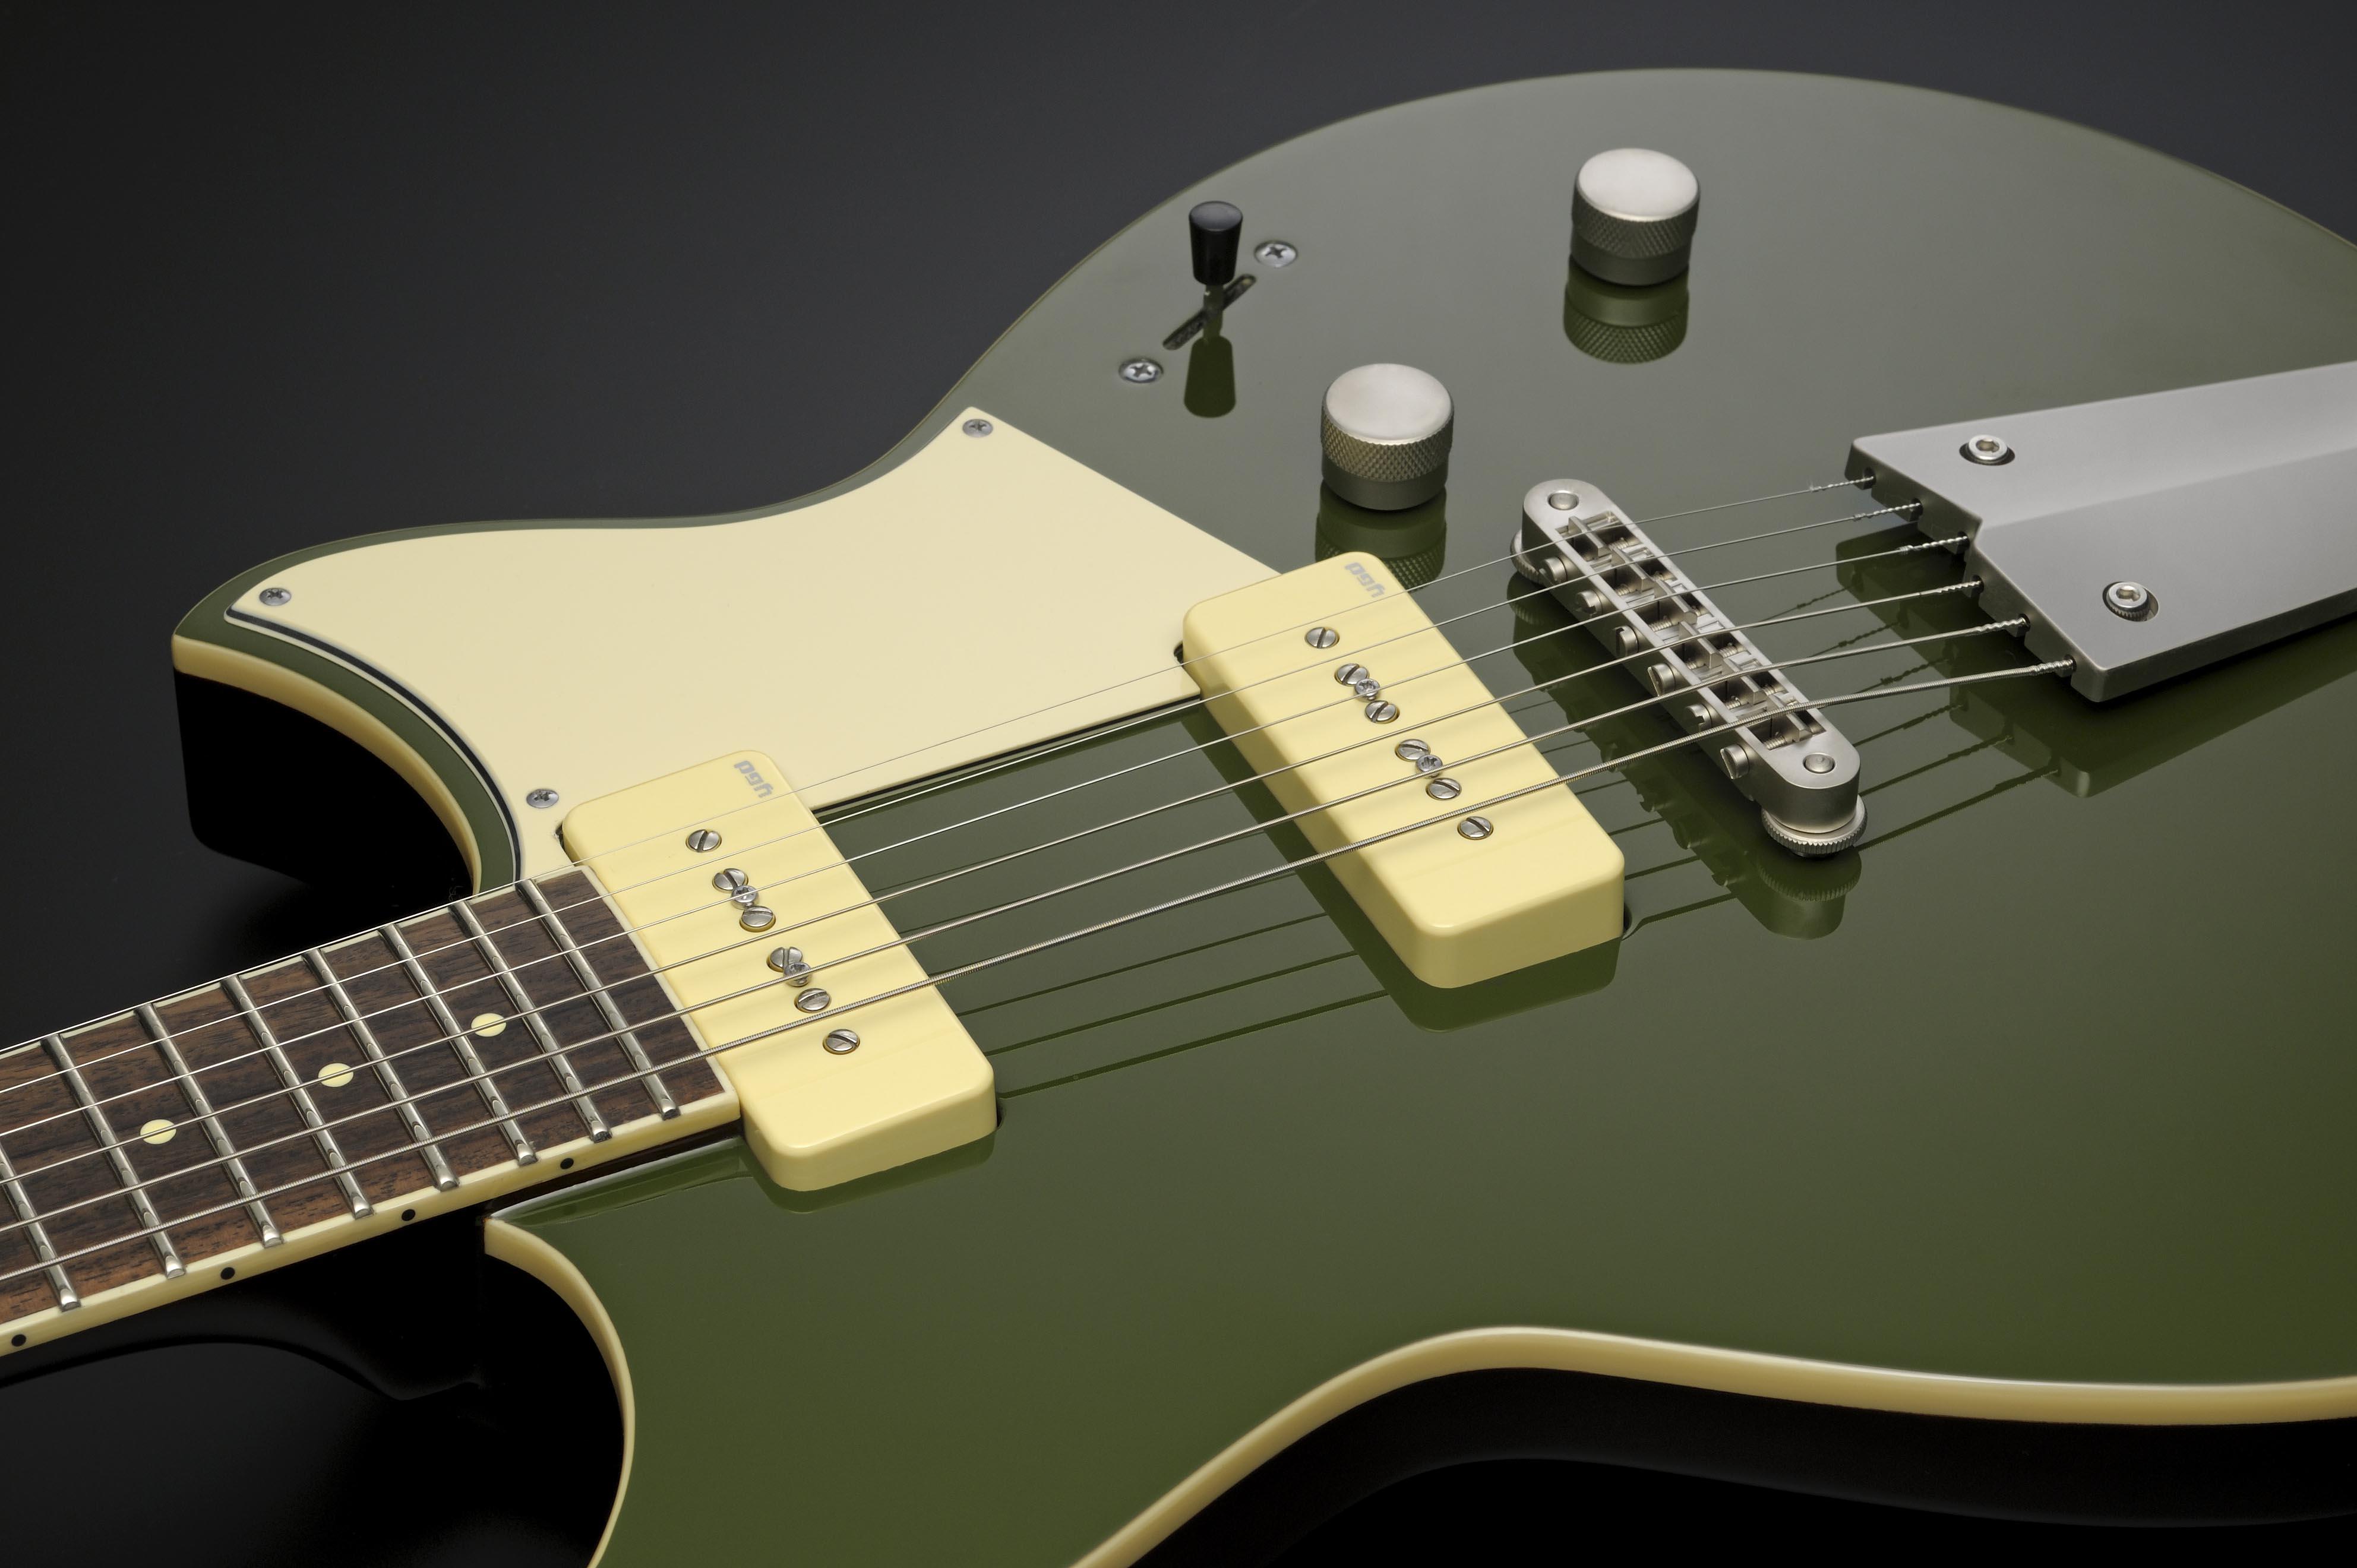 yamaha revstar rs 502 t bgr e gitarre bowden green. Black Bedroom Furniture Sets. Home Design Ideas